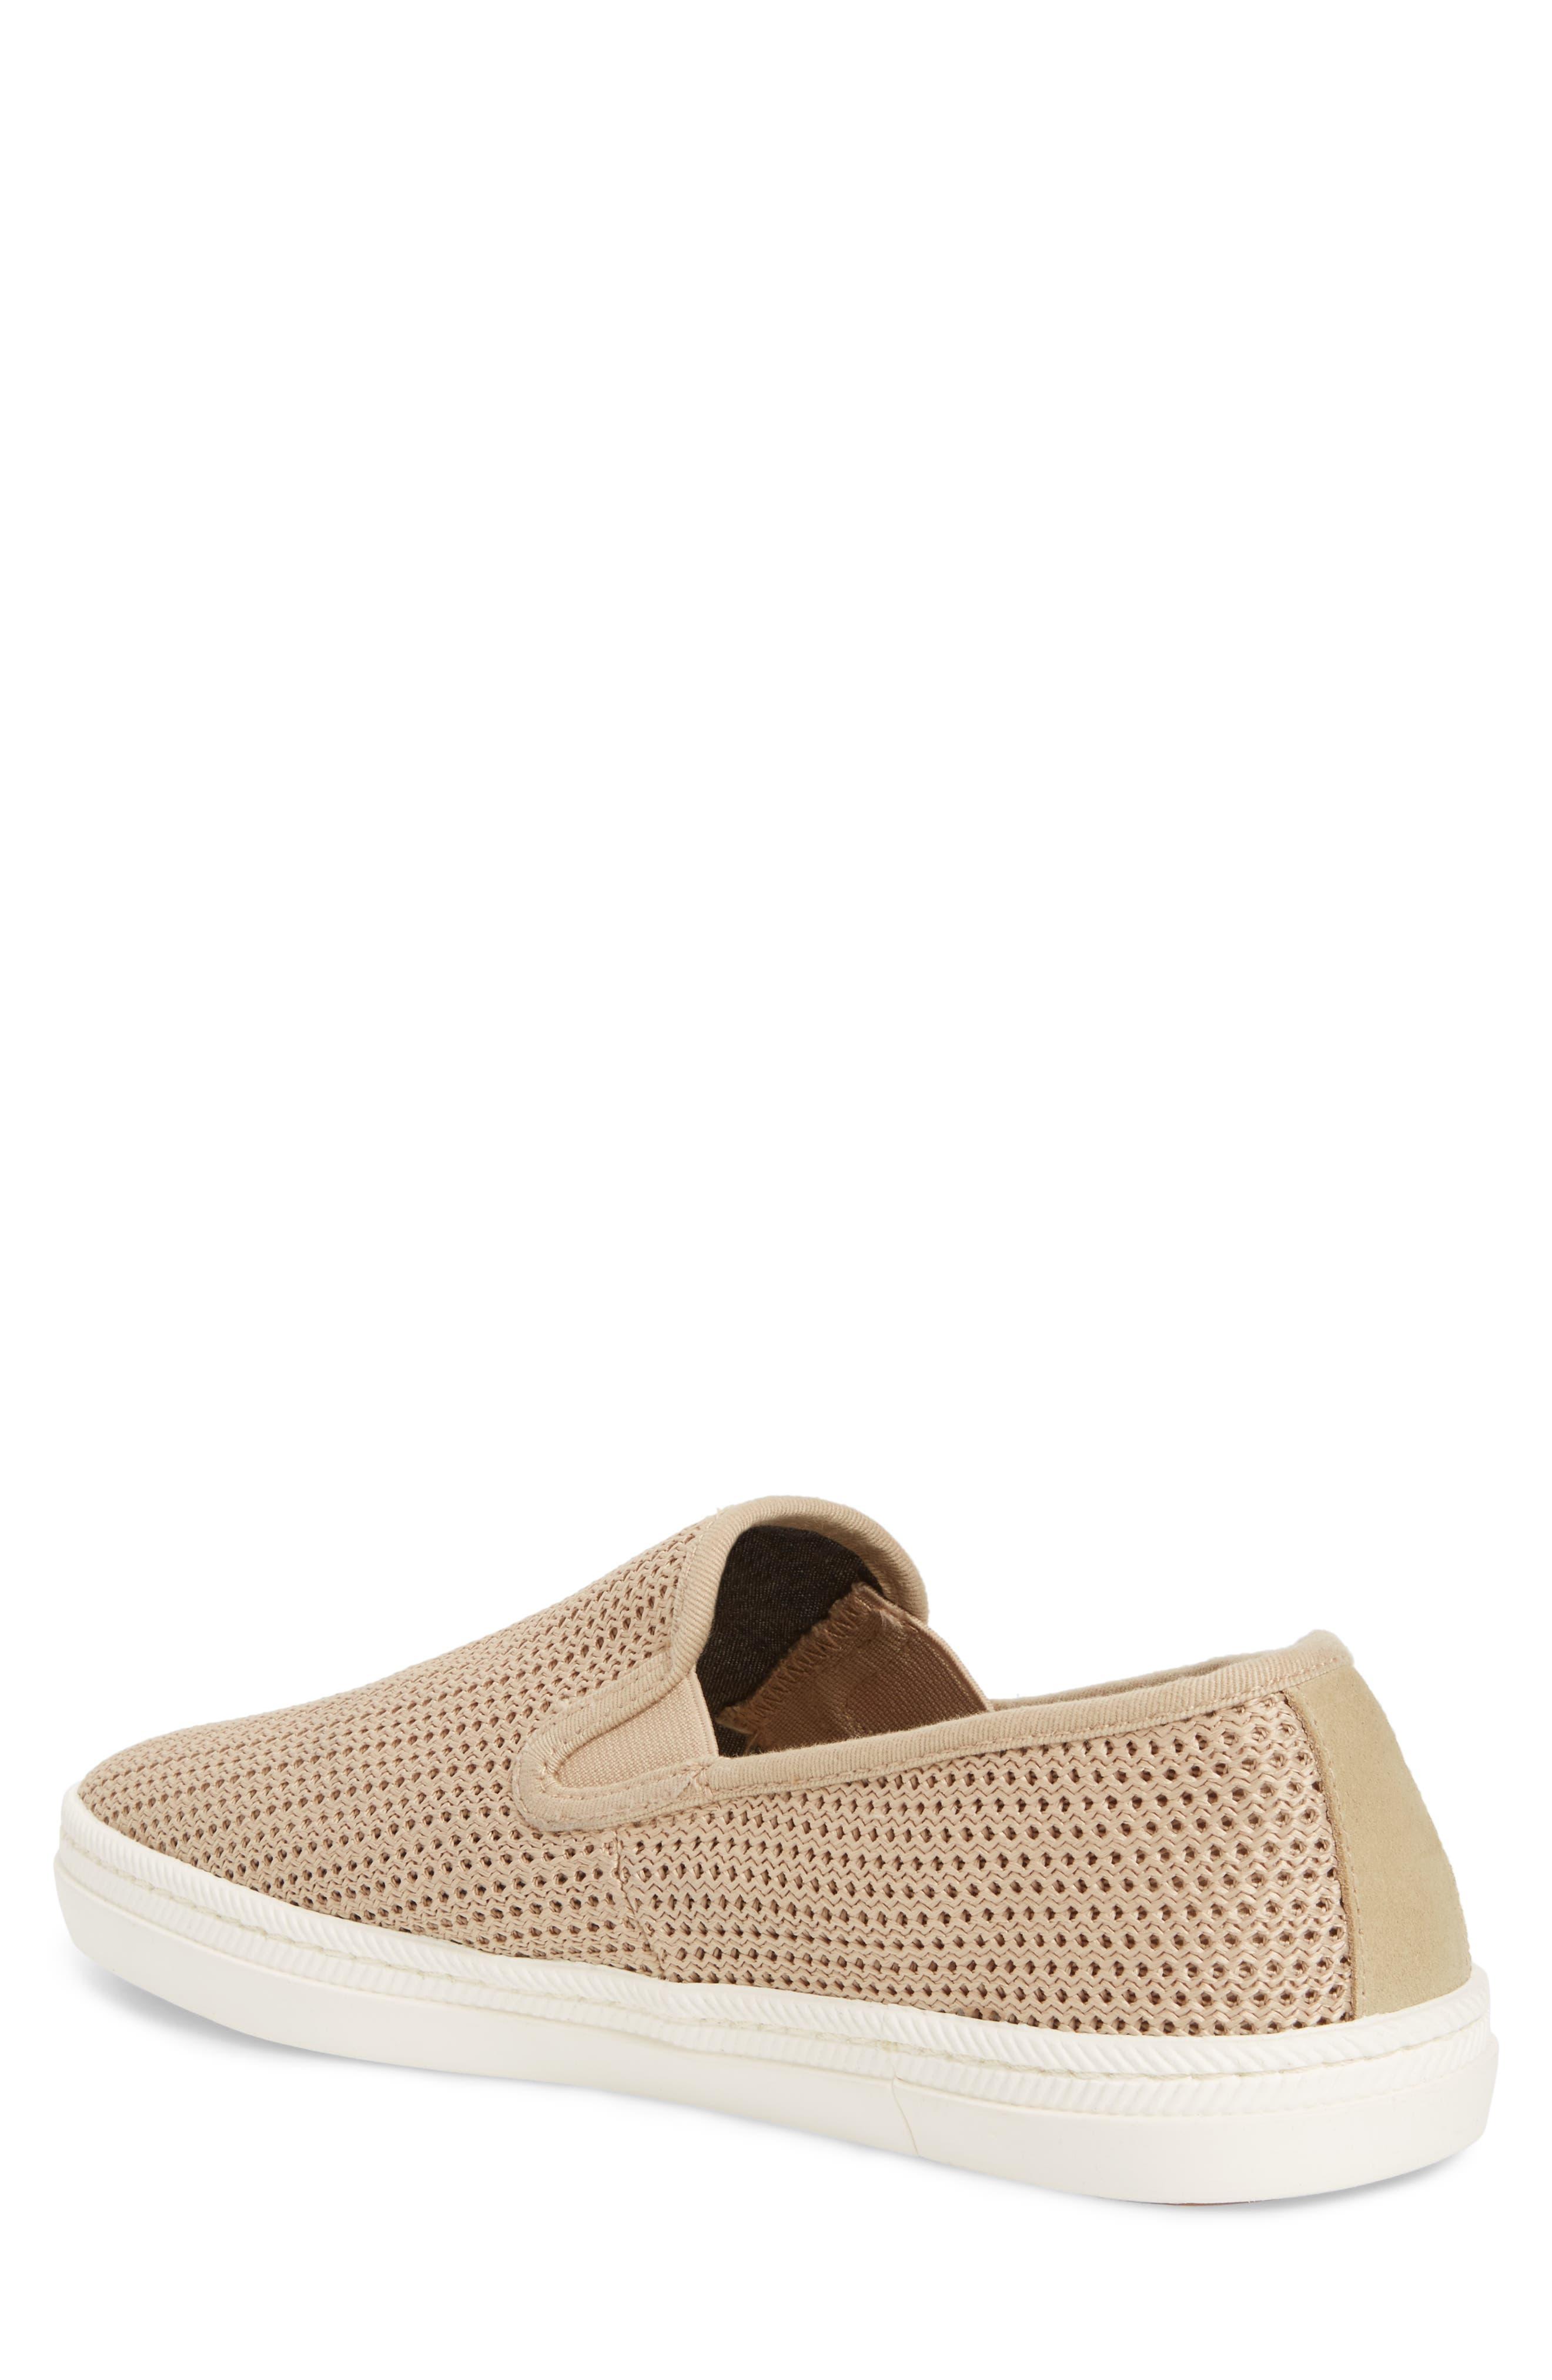 Viktor Woven Slip-On Sneaker,                             Alternate thumbnail 2, color,                             277